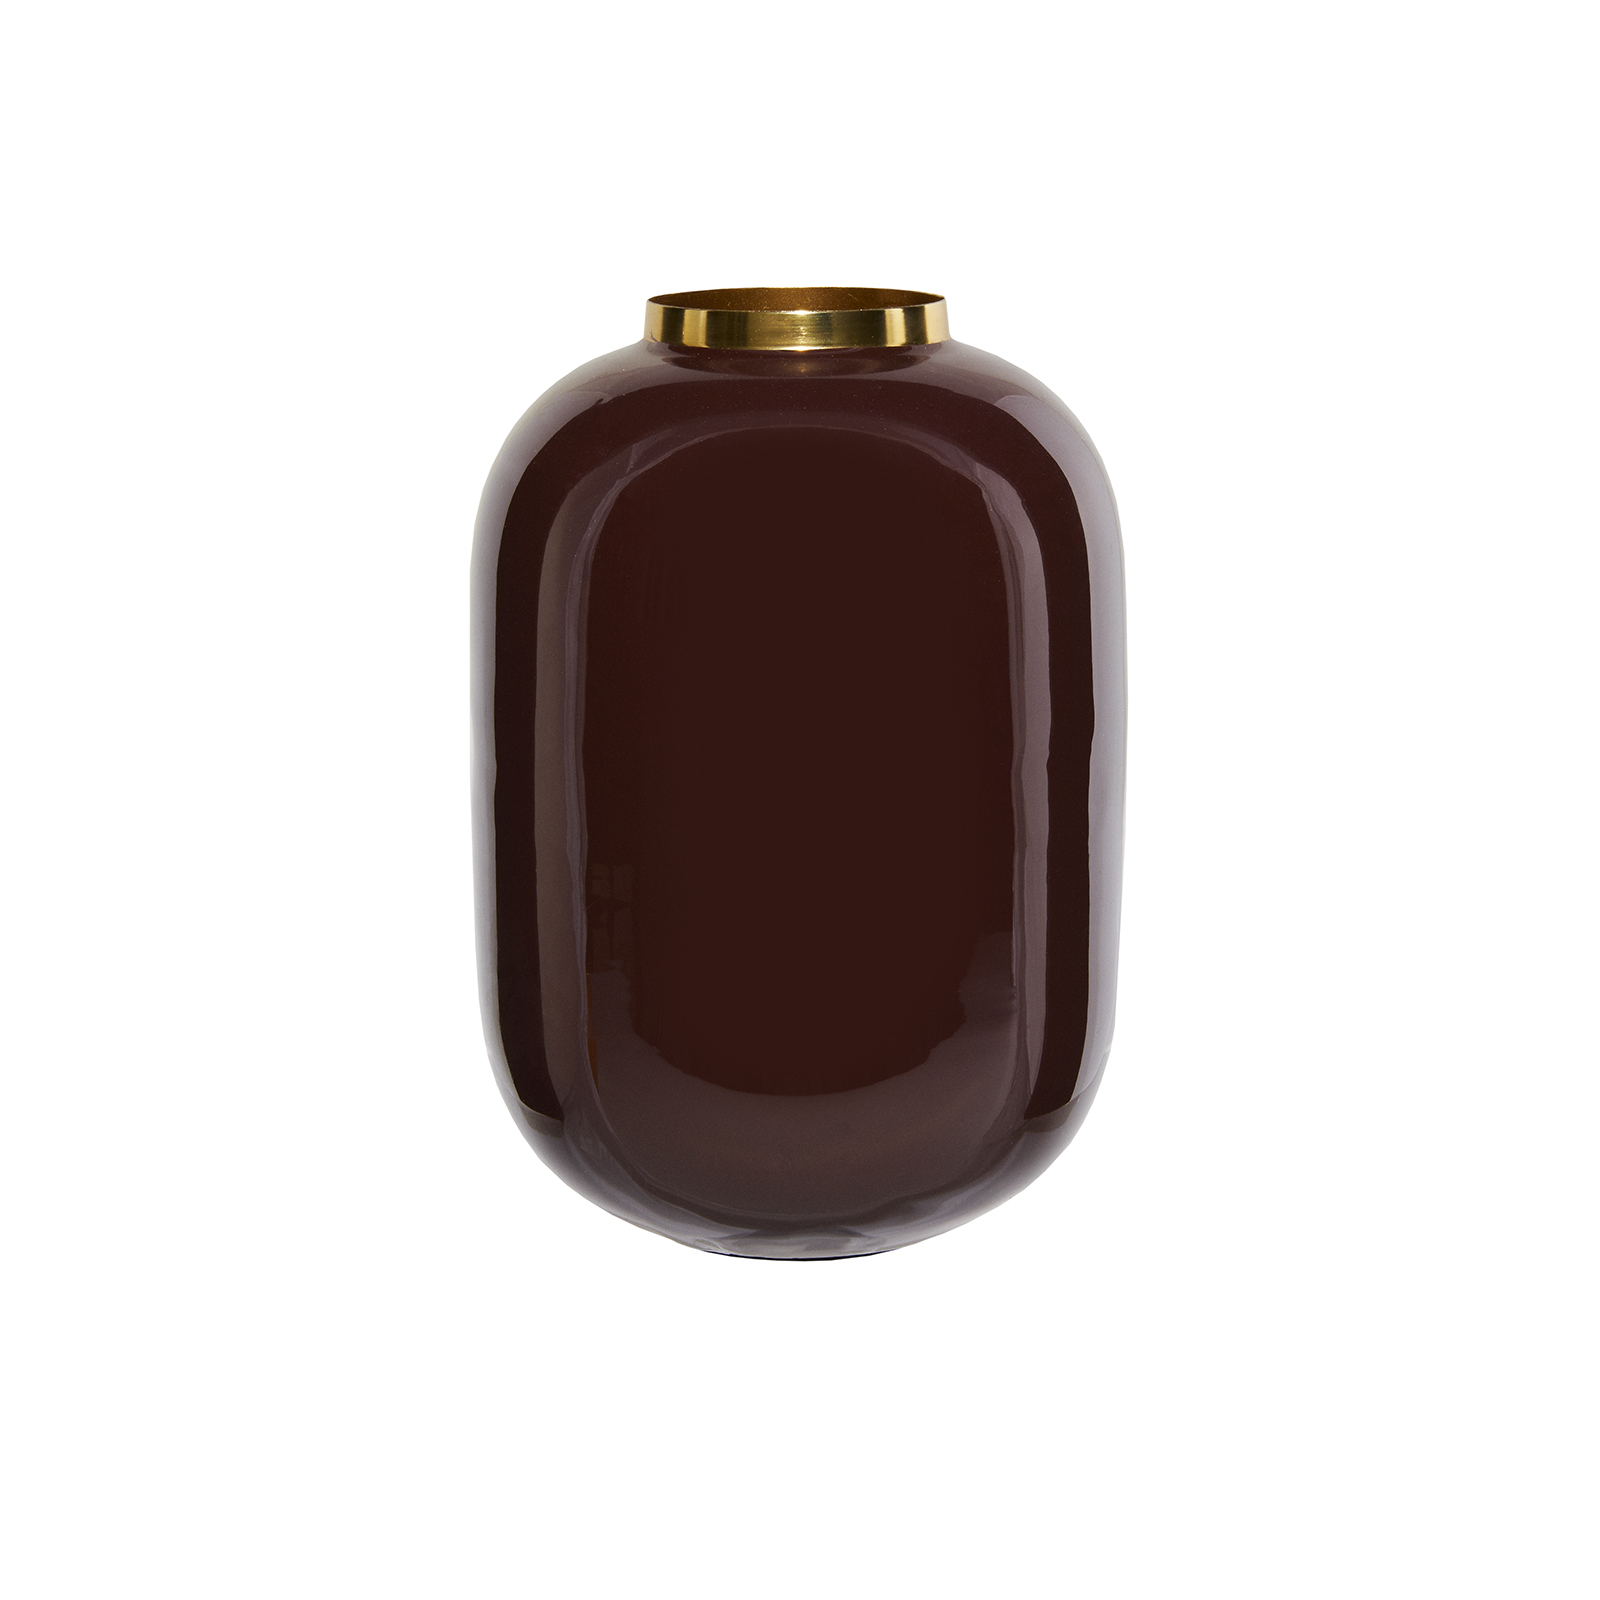 Karaca Glore Vazo 24,5x16,5 cm Mürdüm